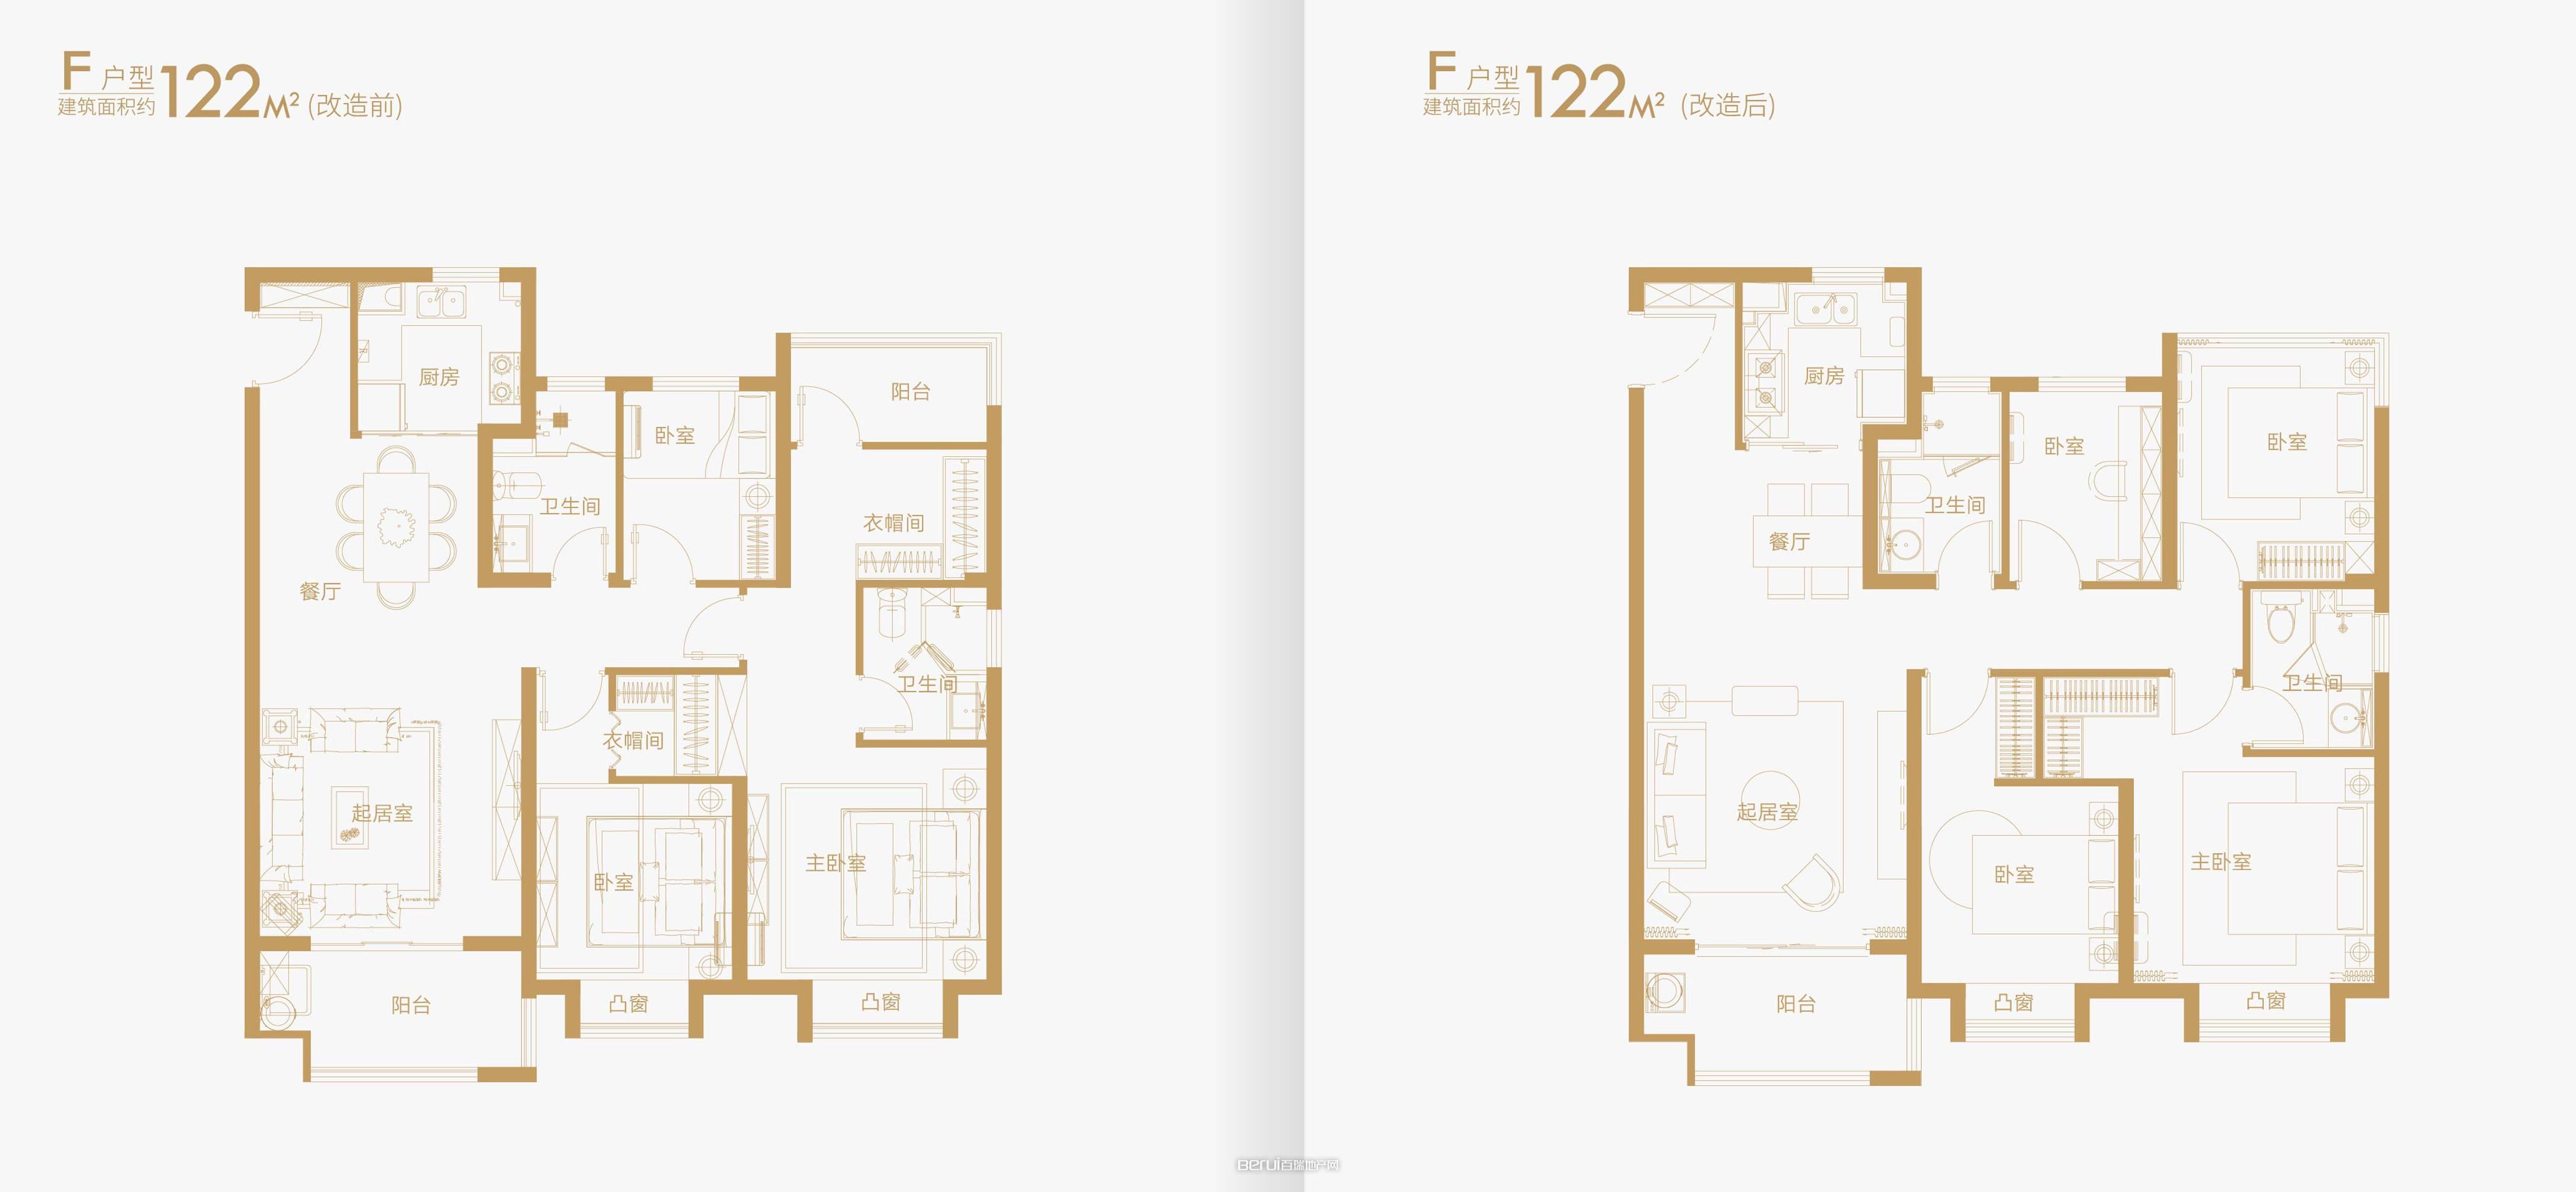 3室2厅2卫122㎡